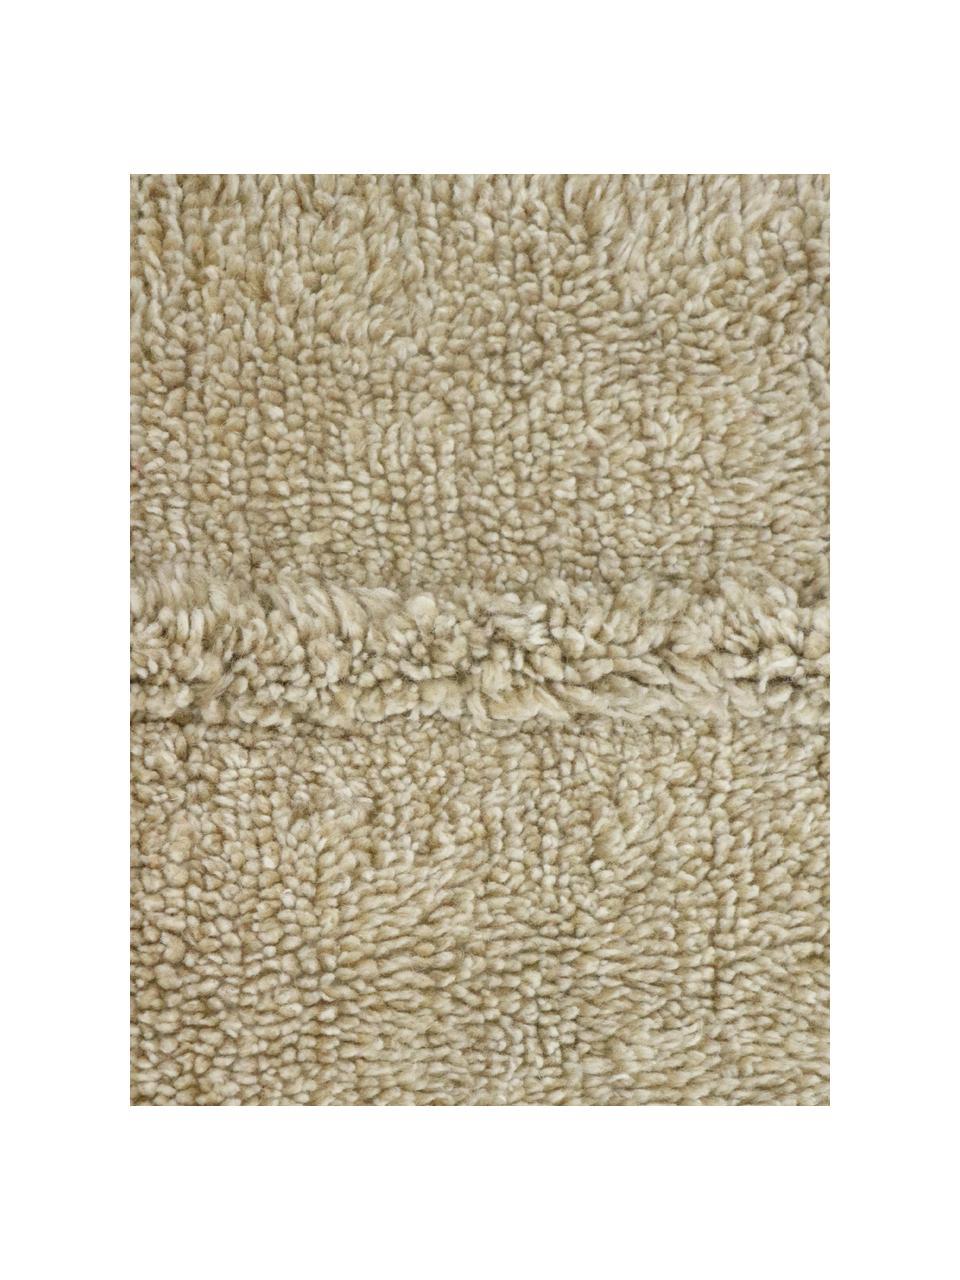 Tapis en laine beige fait main Tundra, lavable, Beige